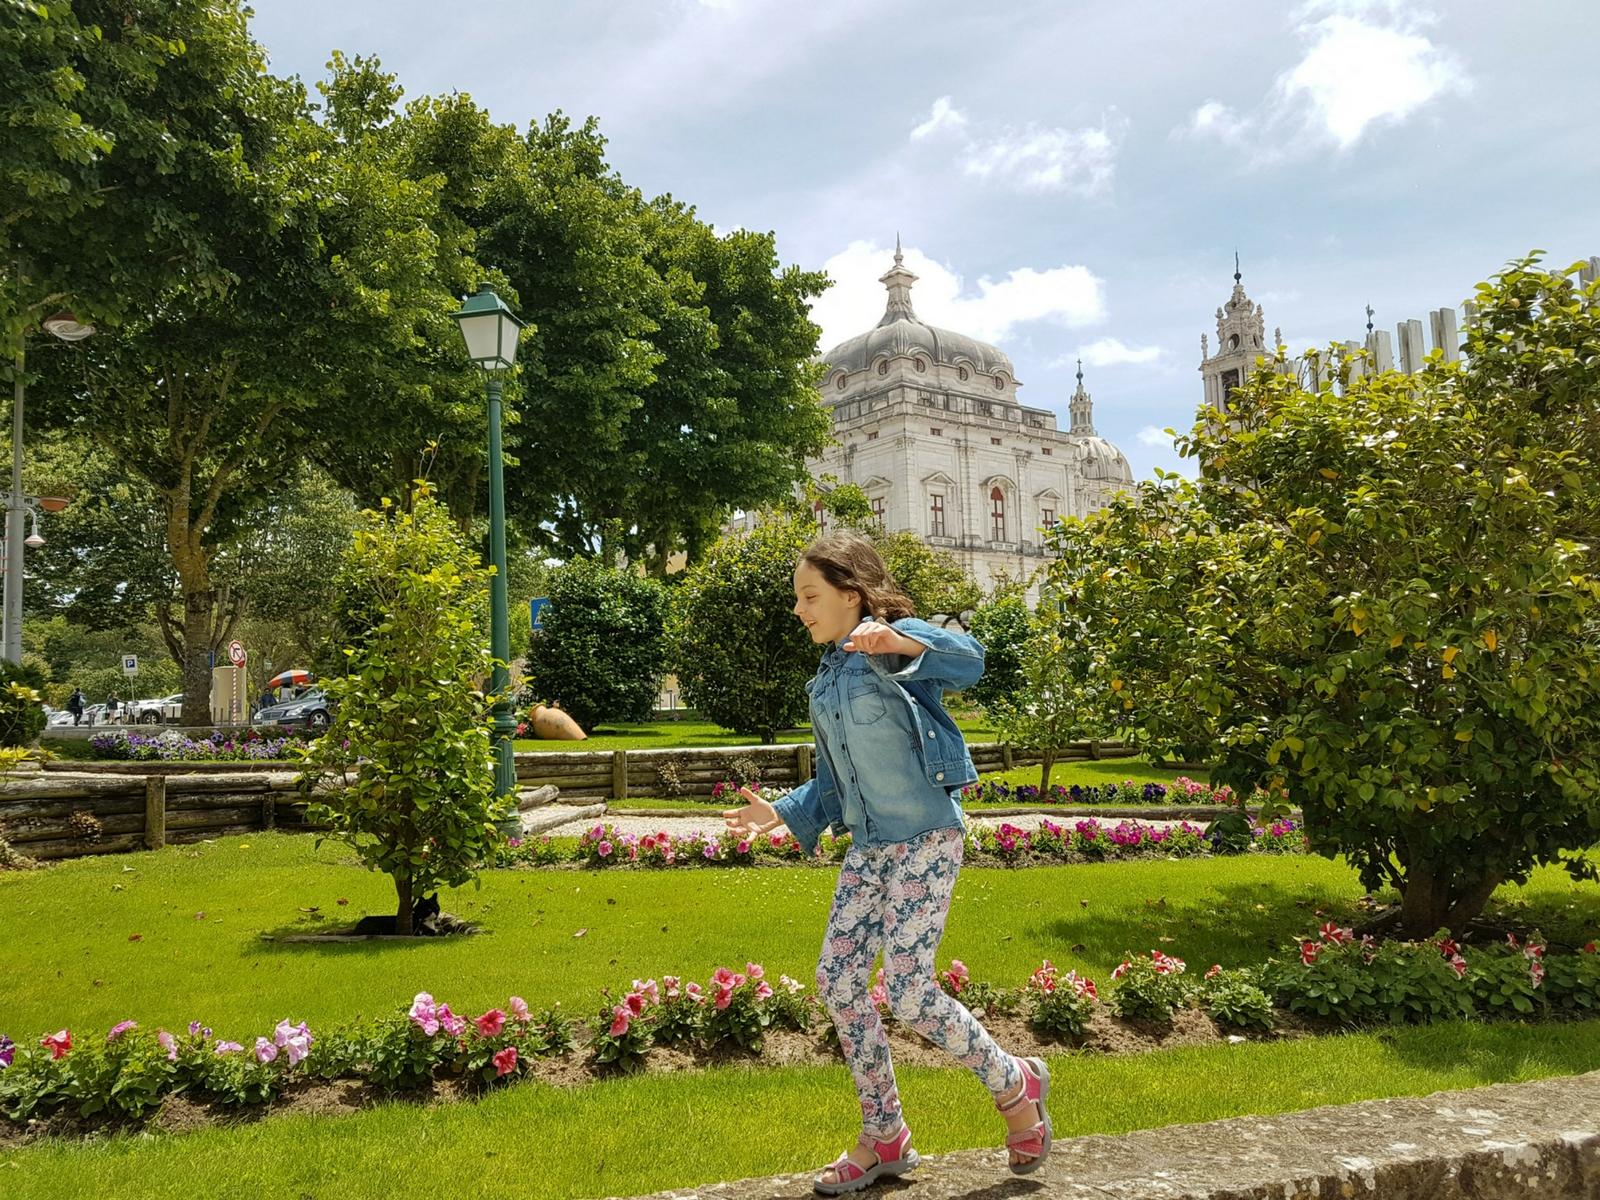 criança correndo em frente ao palácio de mafra